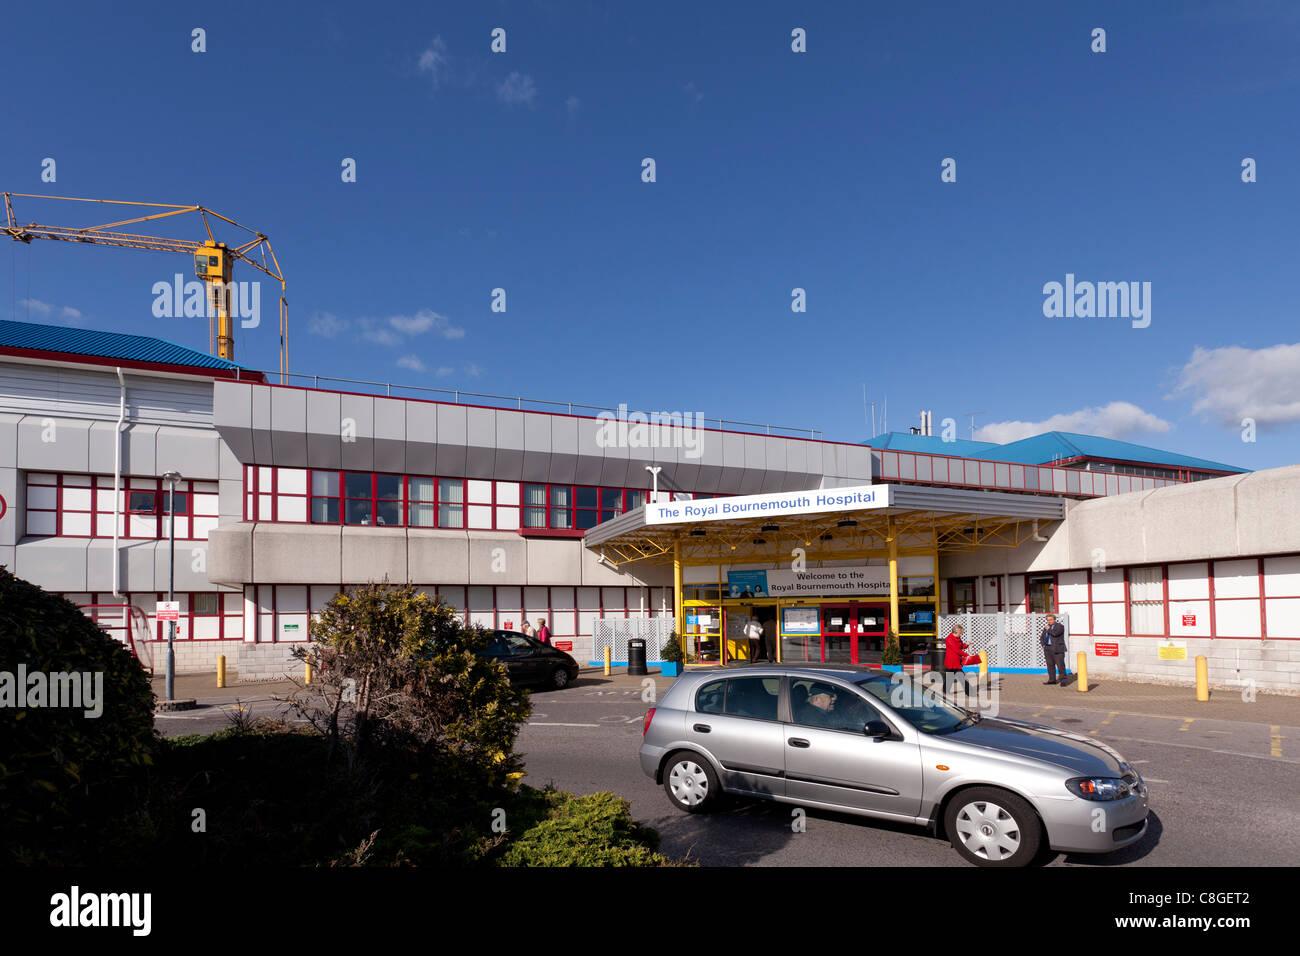 Royal Bournemouth Hospital Haupteingang Stockbild